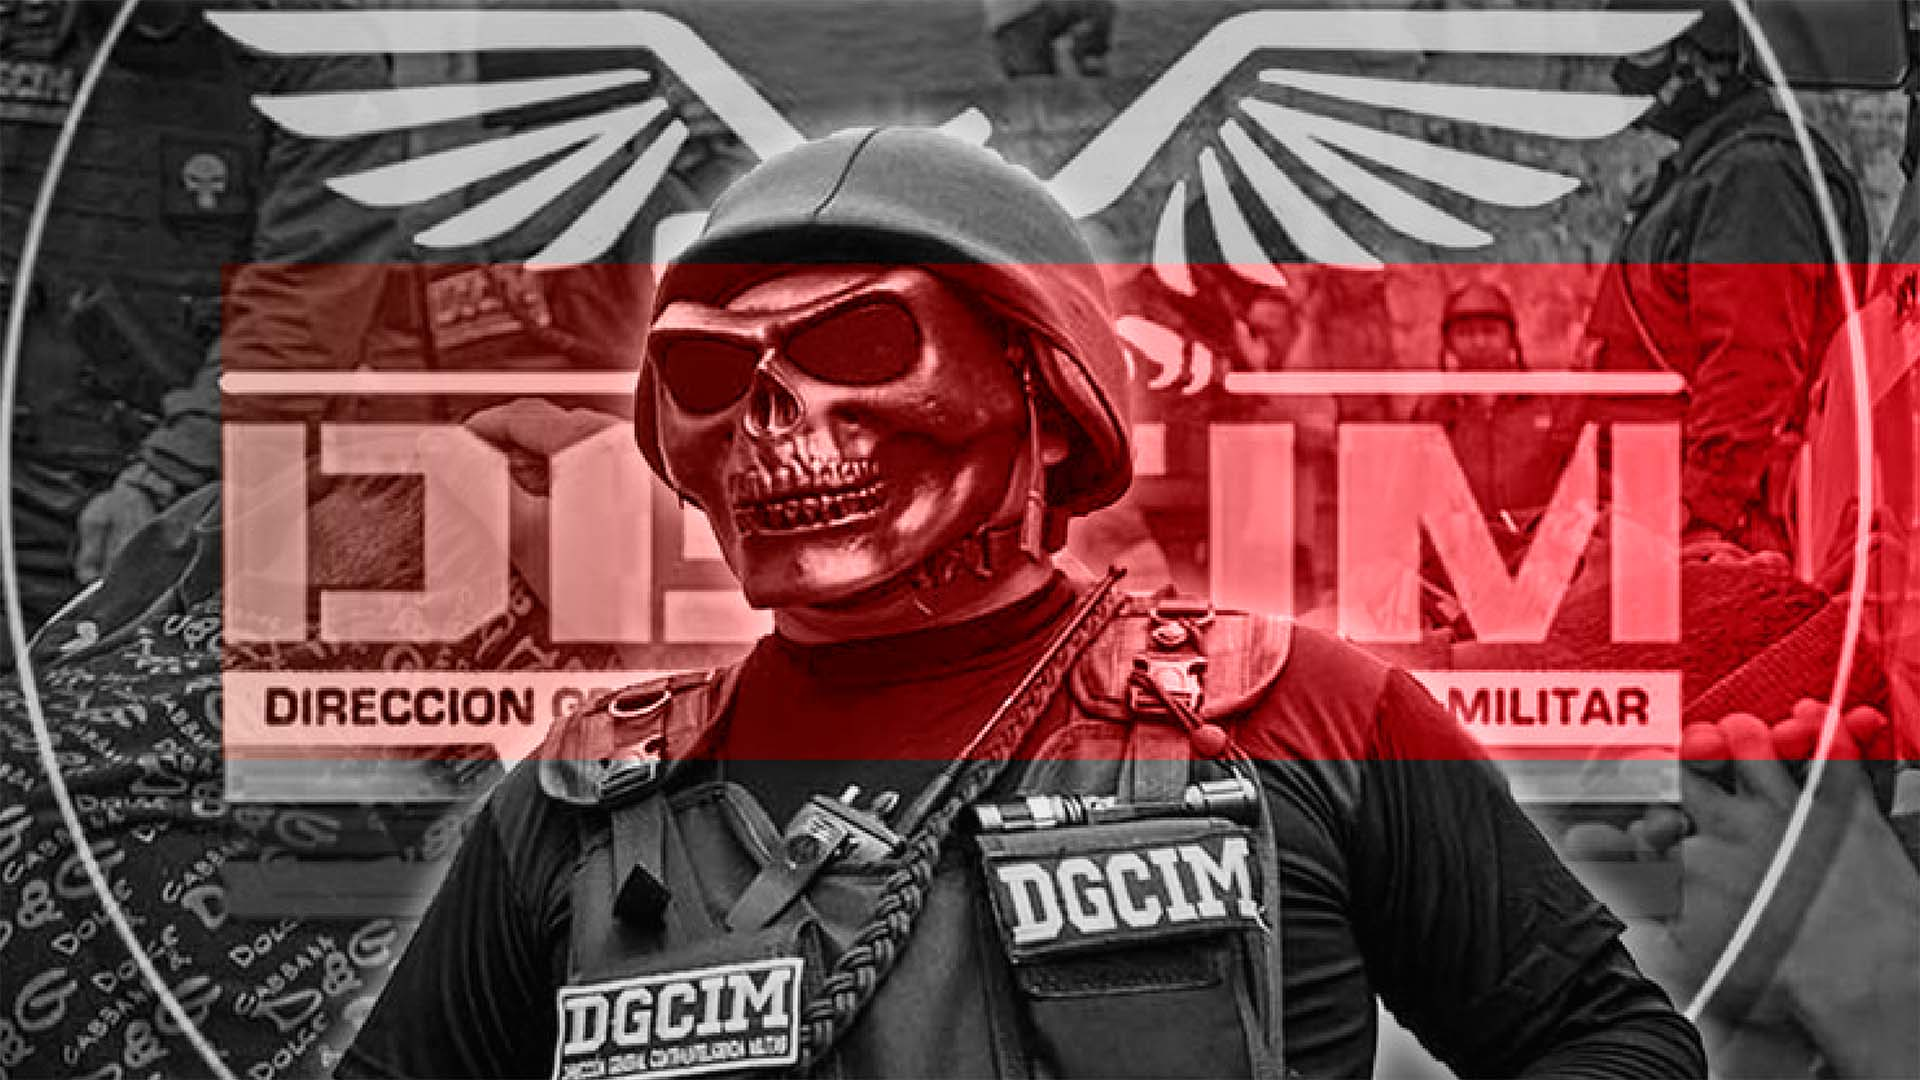 Derechos Humanos en el Sebin y Dgcim, por Carlos Nieto Palma